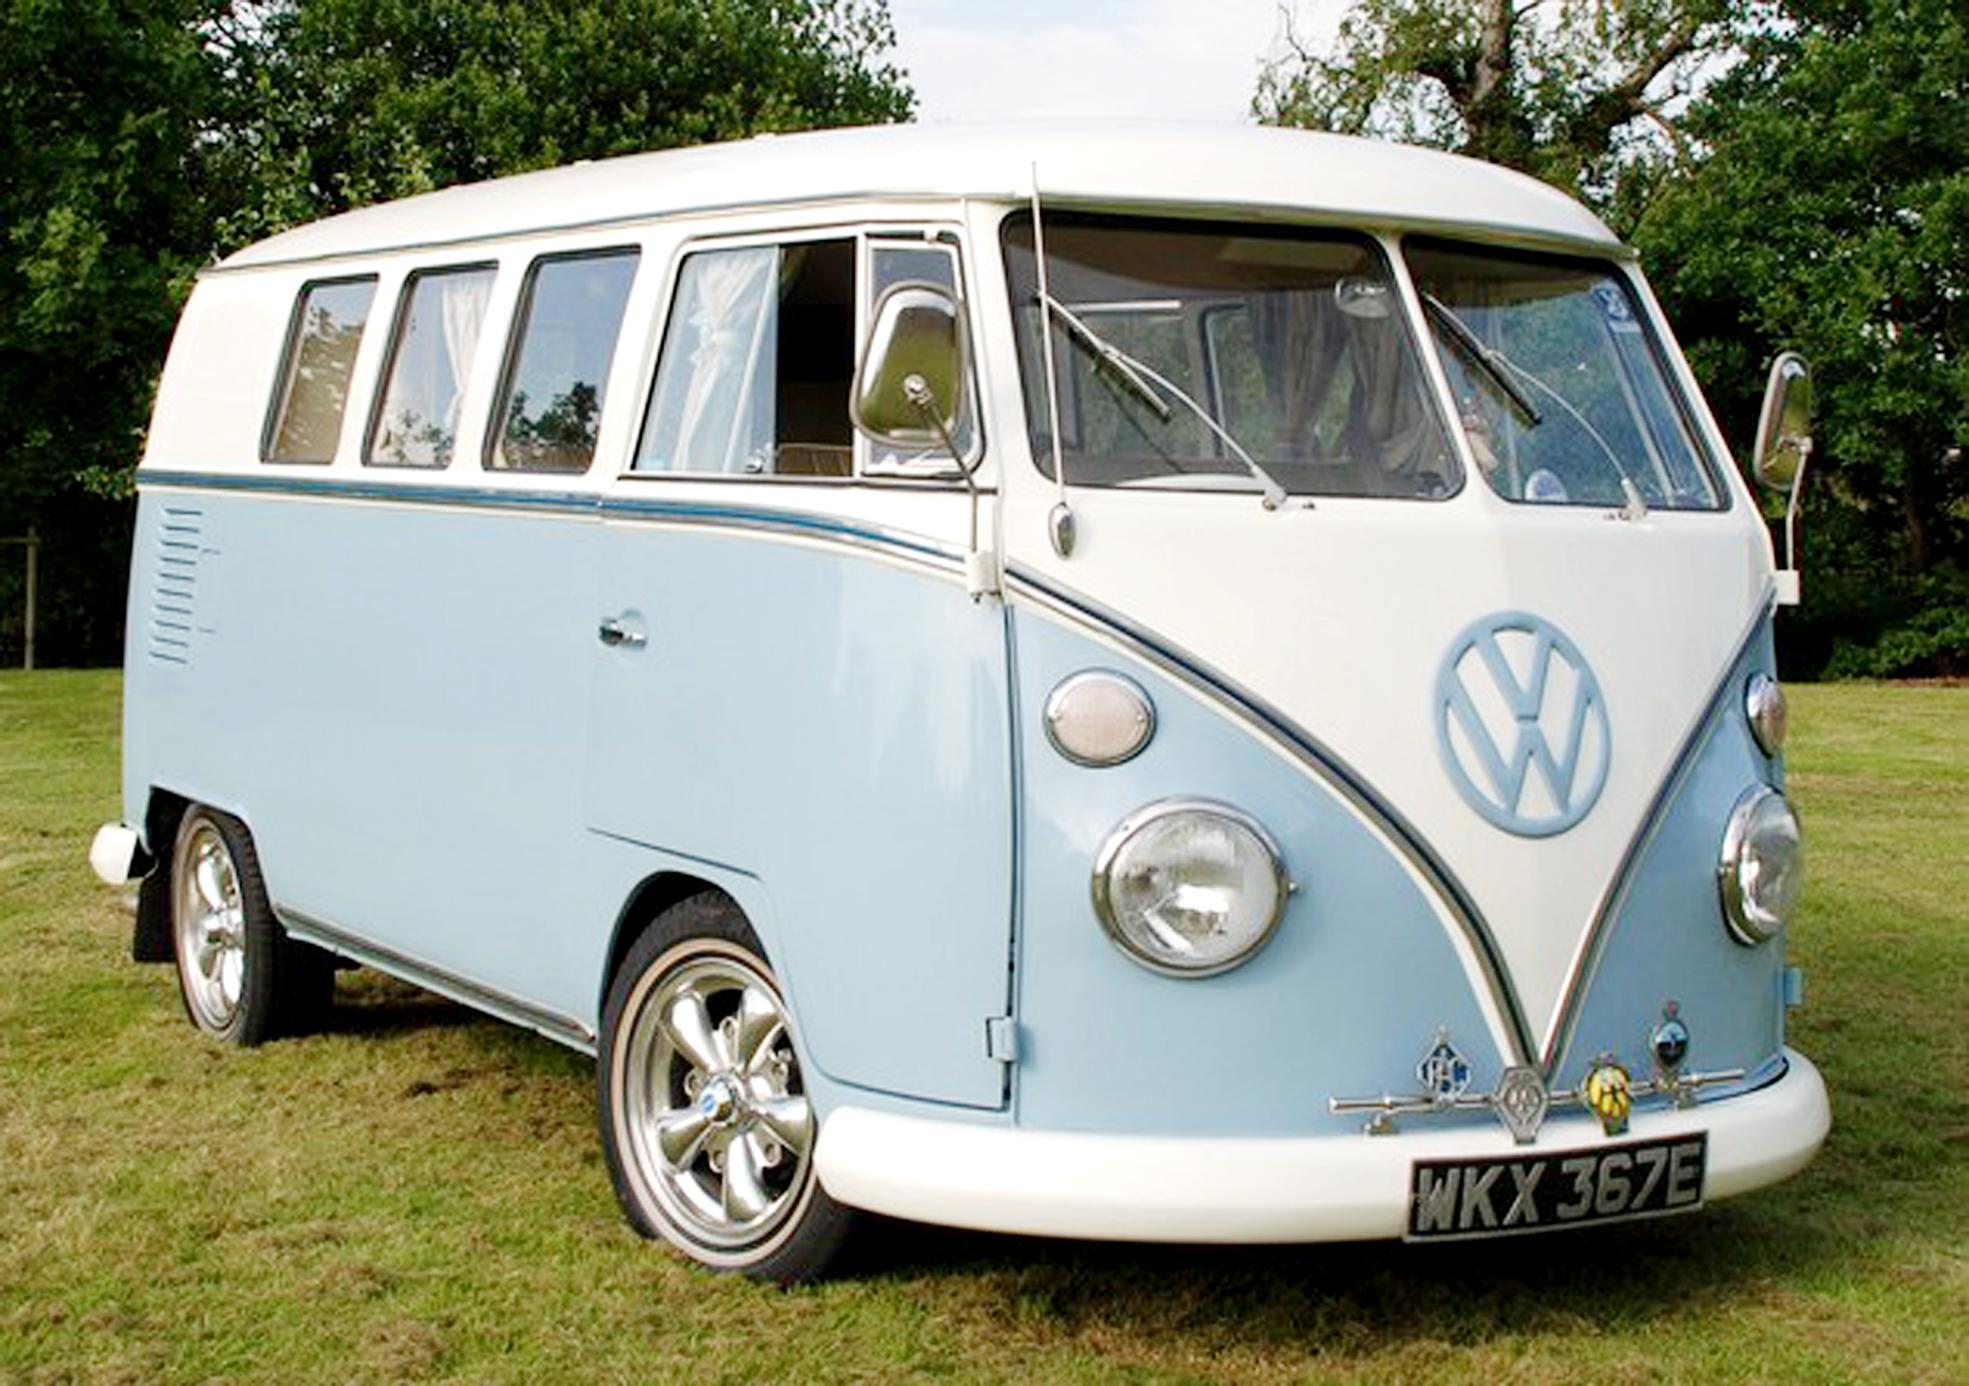 Vw Camper Van >> End Of The Line For Classic Vw Camper Van But Not In Kearsley